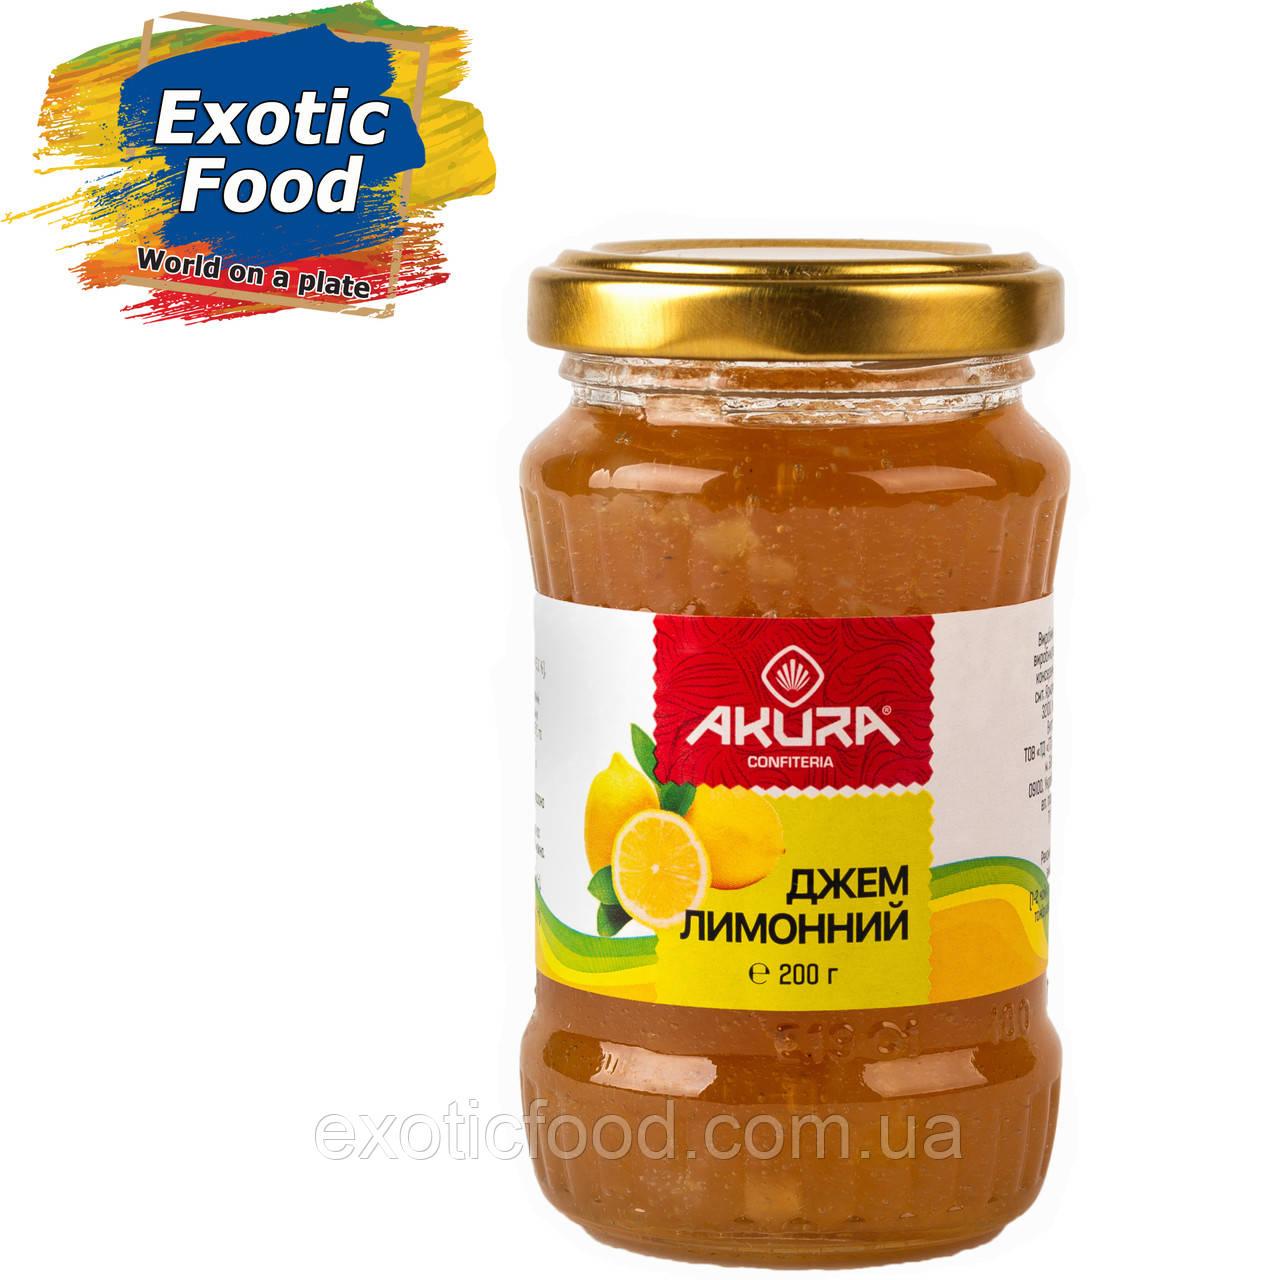 """Джем лимонный ТМ """"AKURA"""", 200 г"""